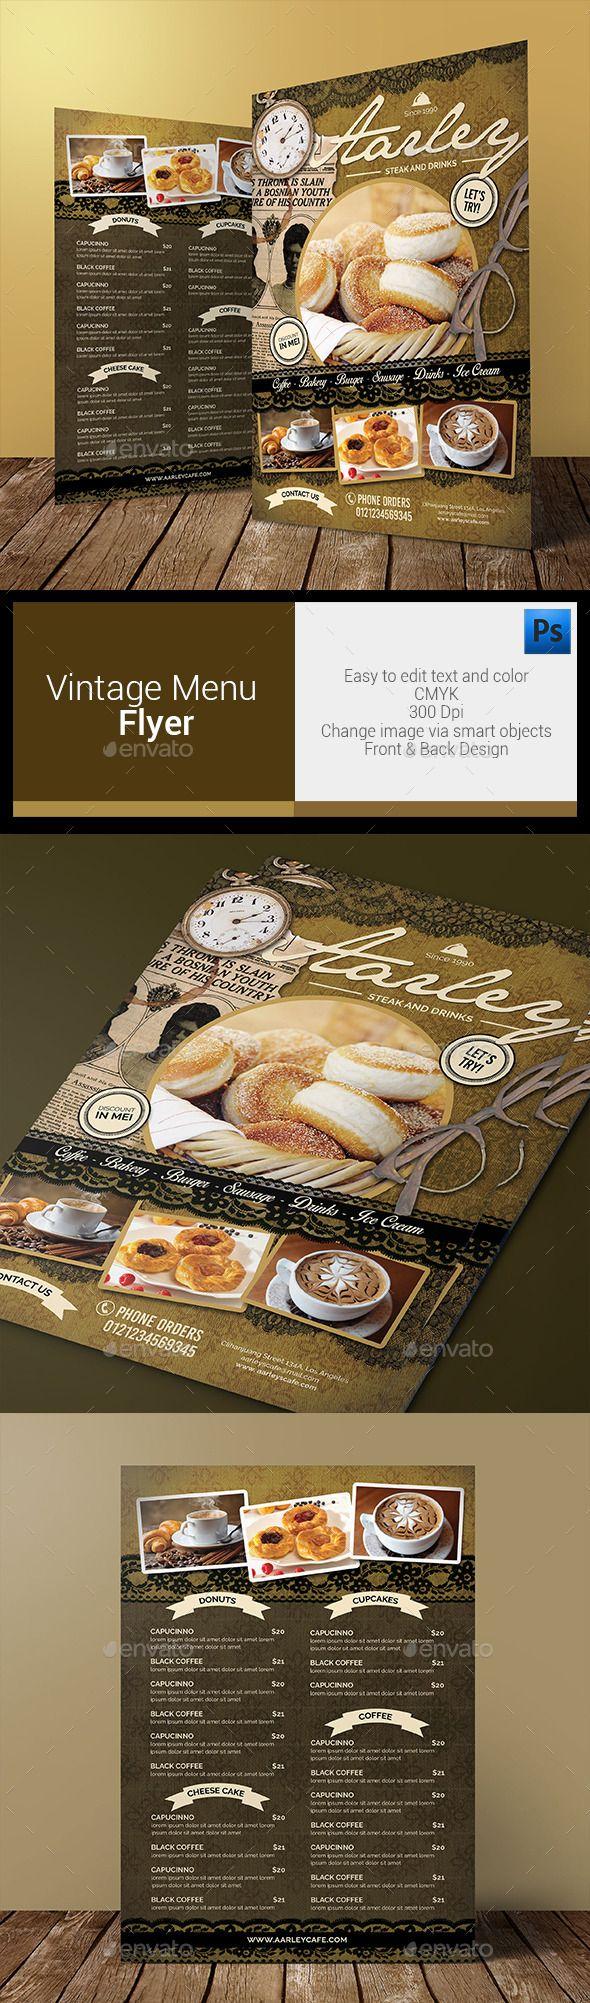 Vintage Menu Flyer Template #design Download: http://graphicriver.net/item/vintage-menu-flyer/12325272?ref=ksioks